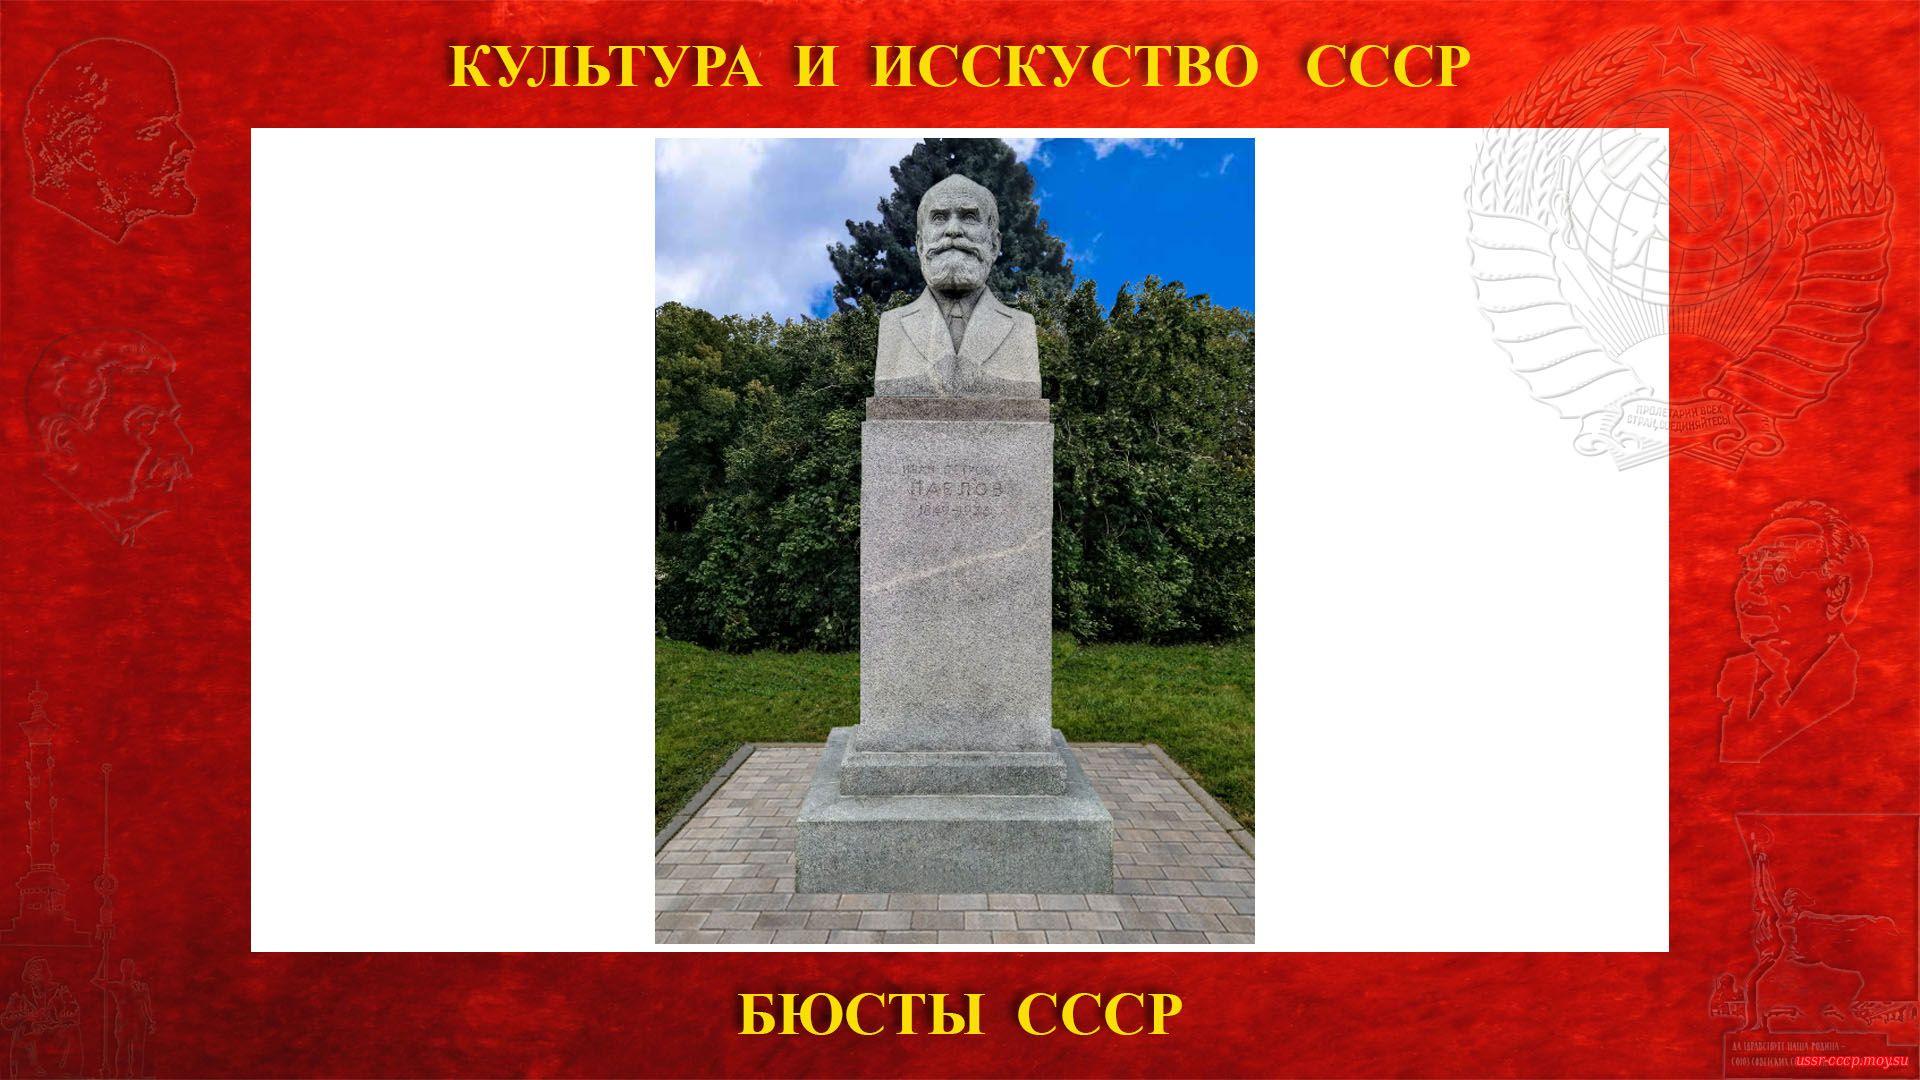 Бюст ПавловуИ.П.на Ленинских горах (Москва 1953) (повествование)